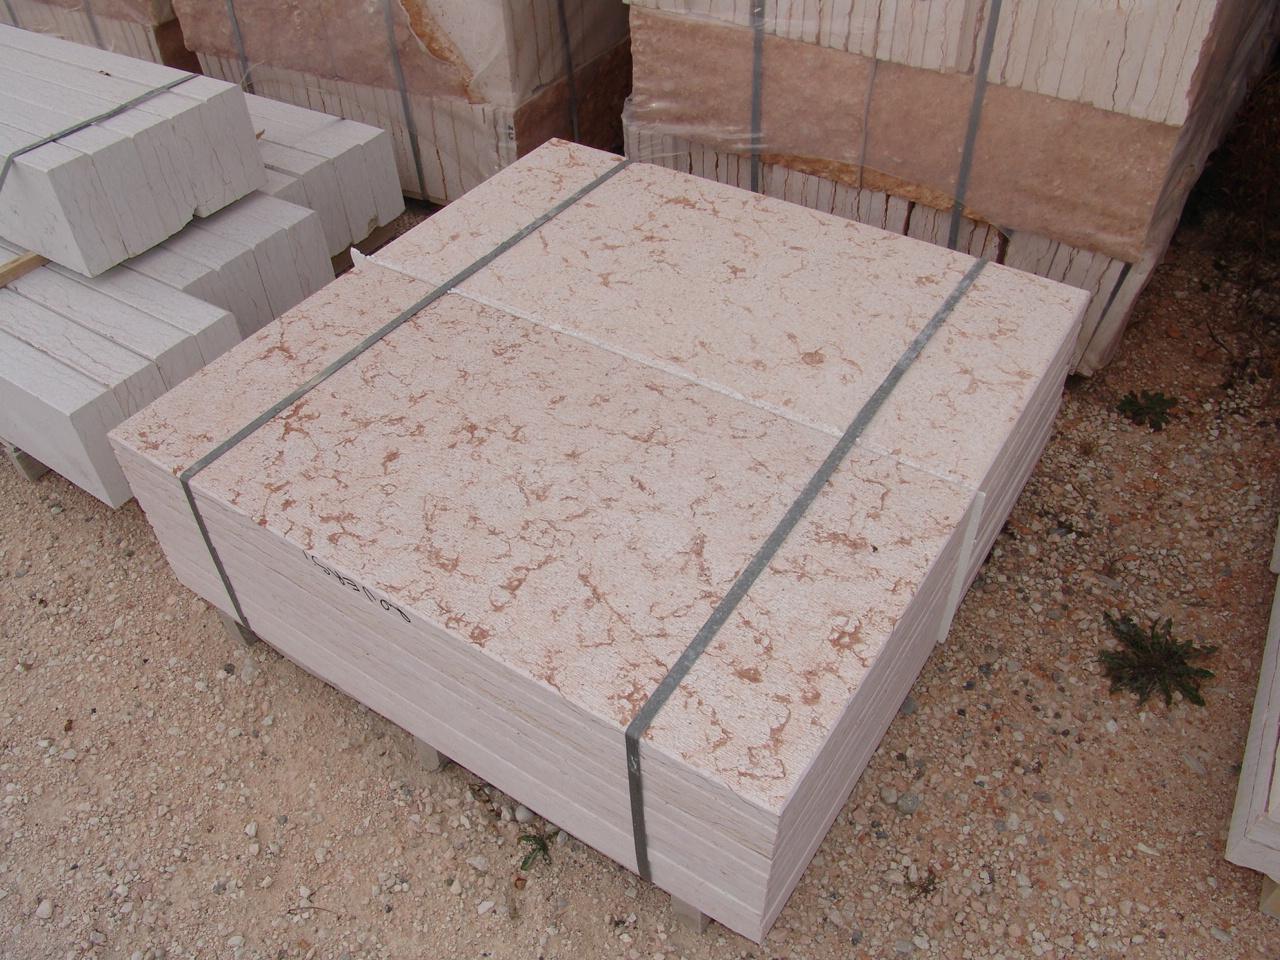 Zem enrico marmi prezzi sassi rivestimento muri super convenienti prezzo pietre da esterno - Prezzi mattonelle per esterno ...